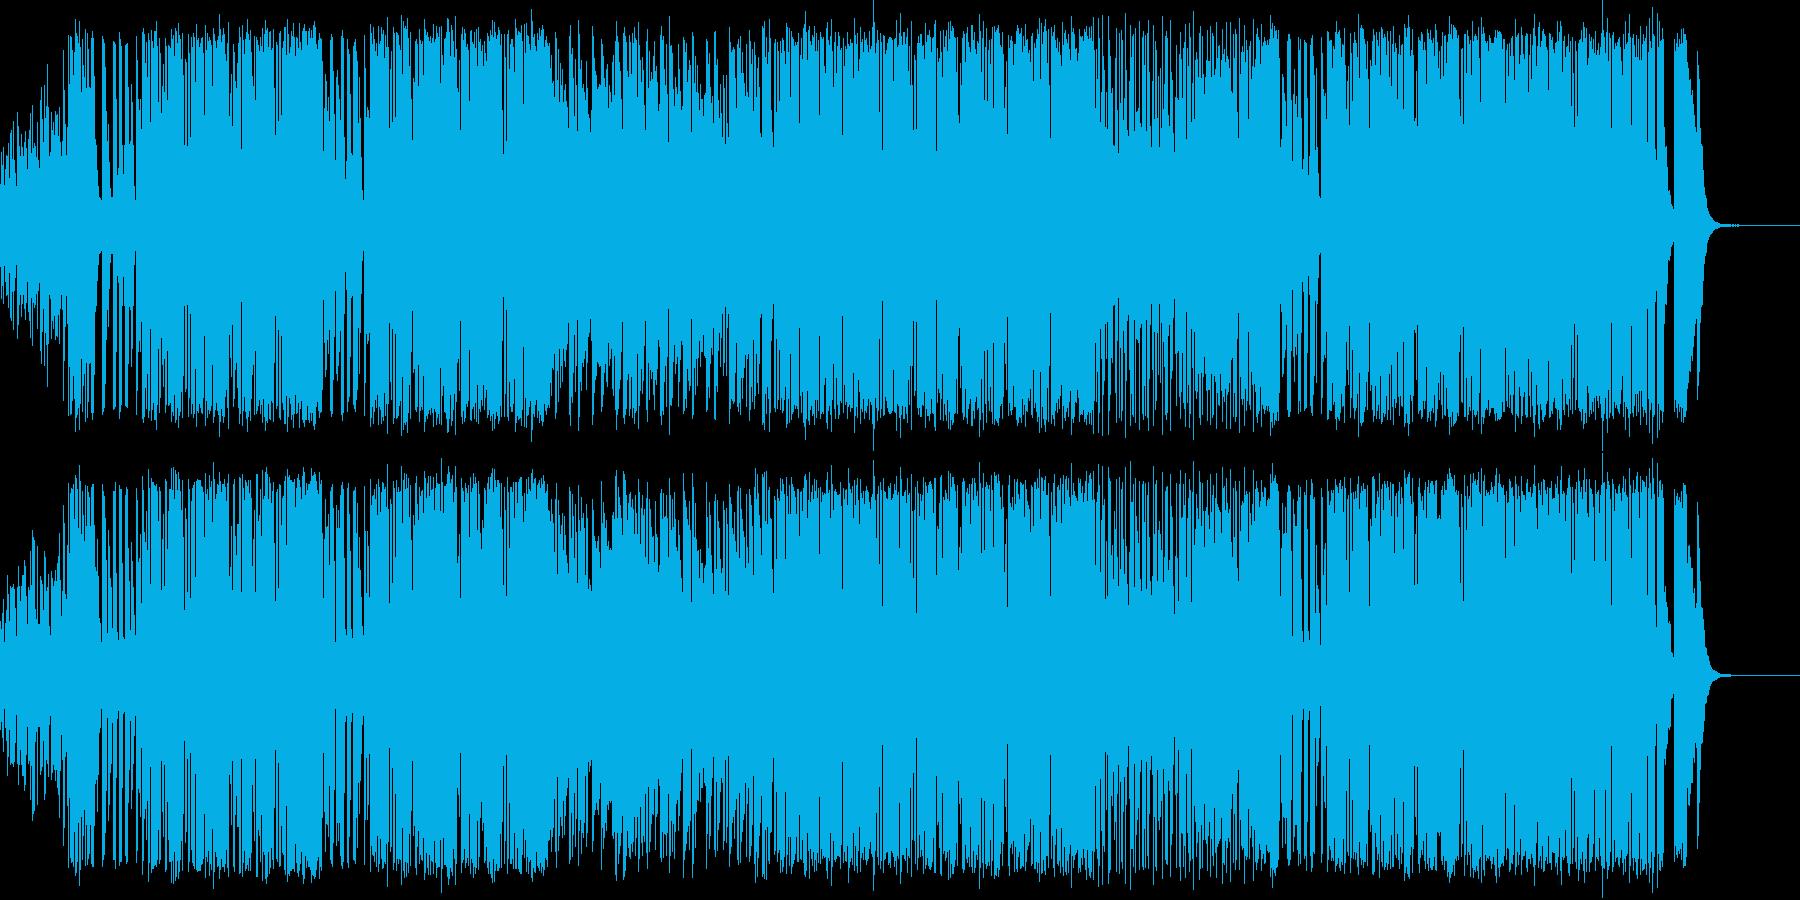 篠笛の旋律にブラスがからむ和風ファンクの再生済みの波形